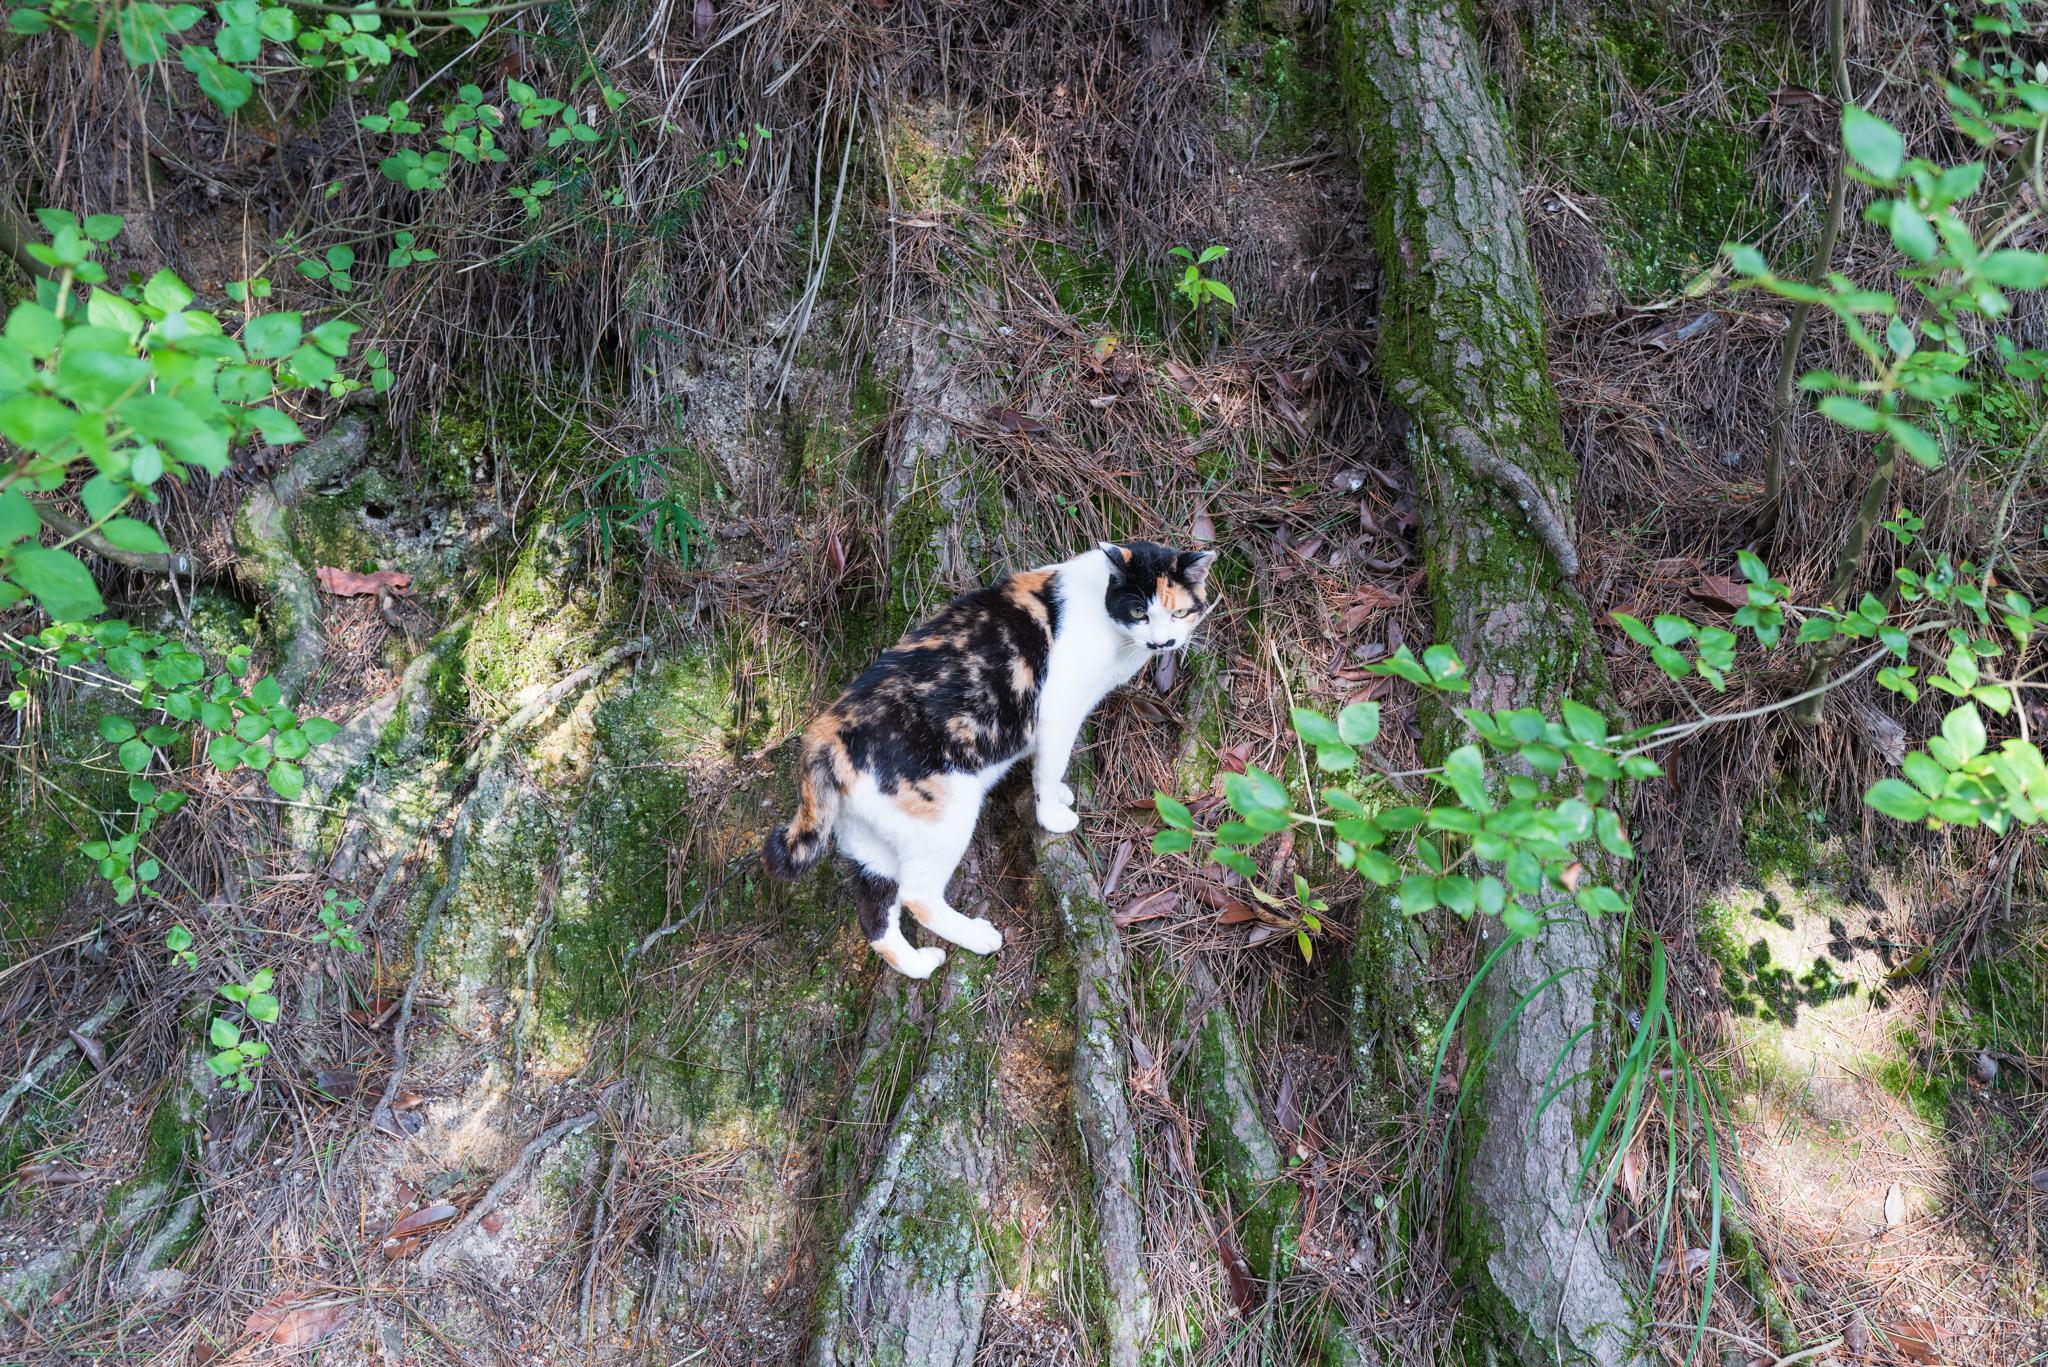 こんな猫写真にそのような大きな画素数は果たして必要なのでしょうか…。。